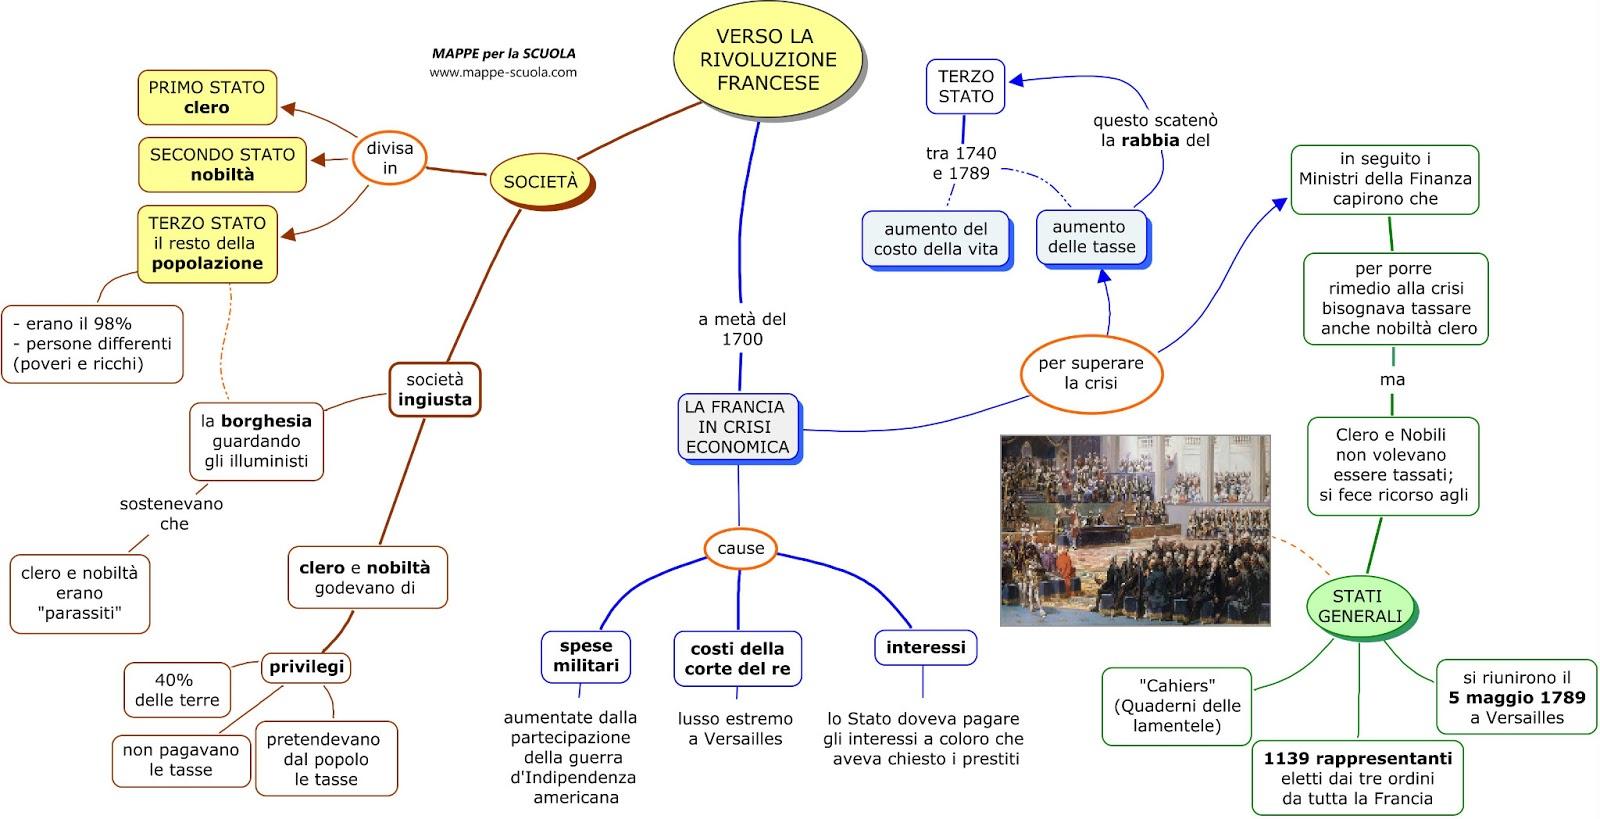 Mappa concettuale rivoluzione francese 1 mappa concettuale for 1 case di storia